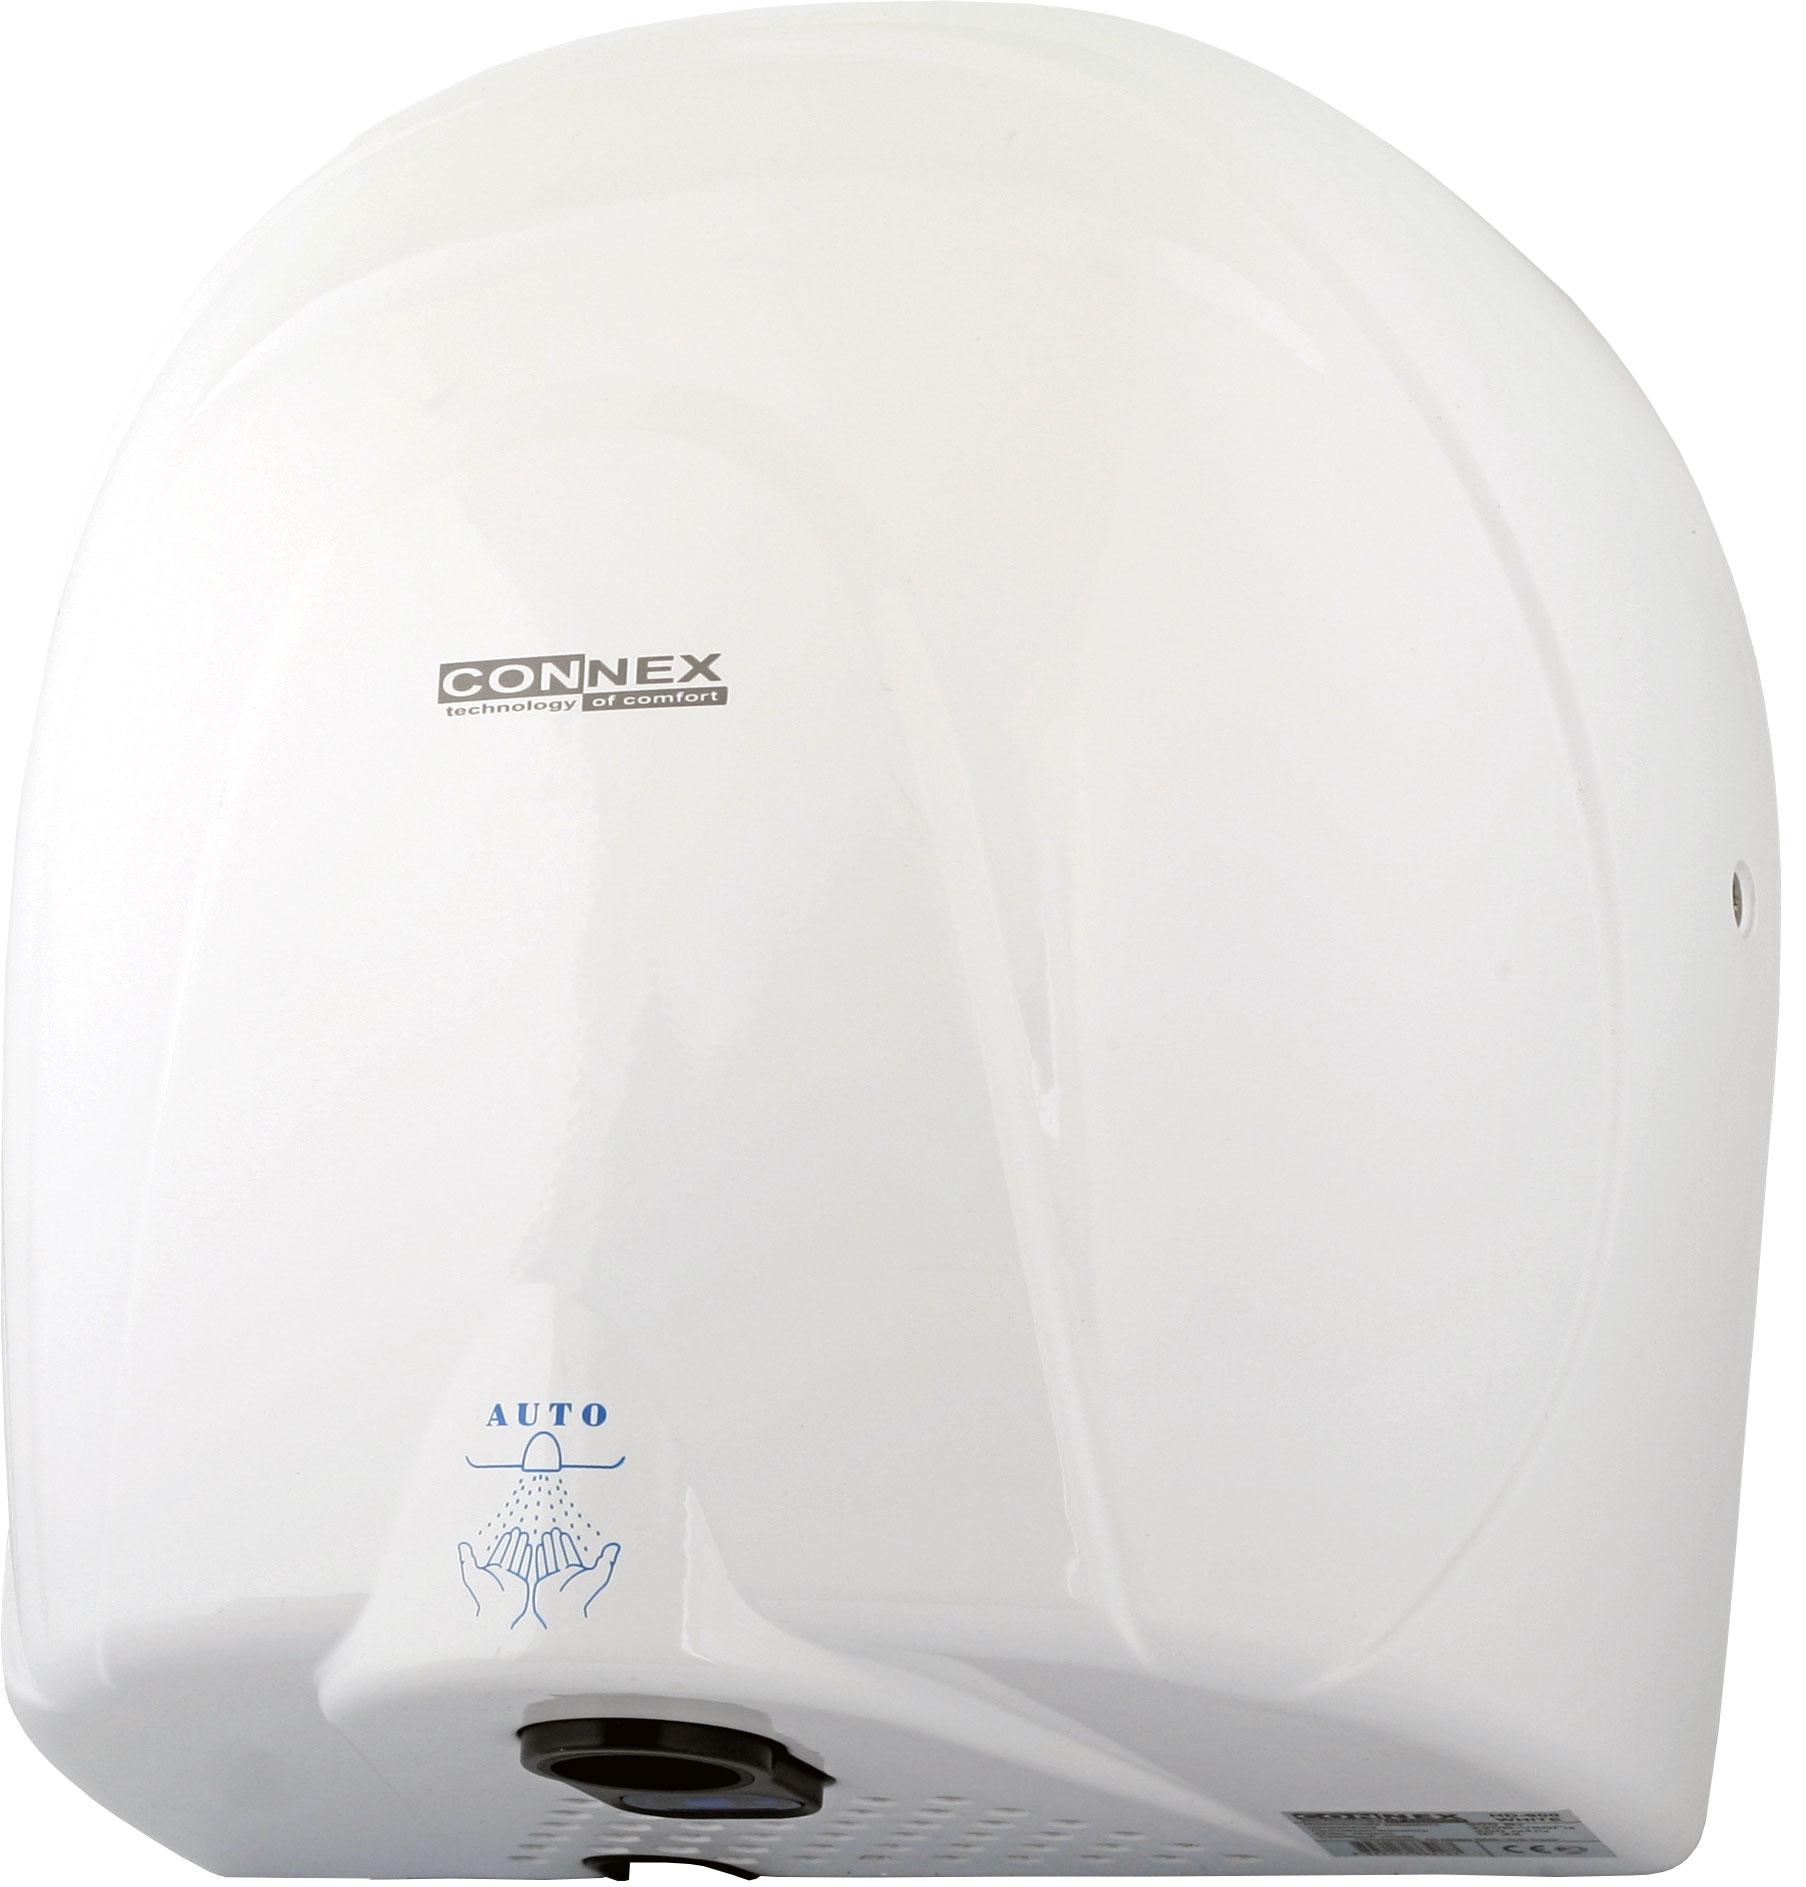 ������� ��� ��� Connex Hd-900 white